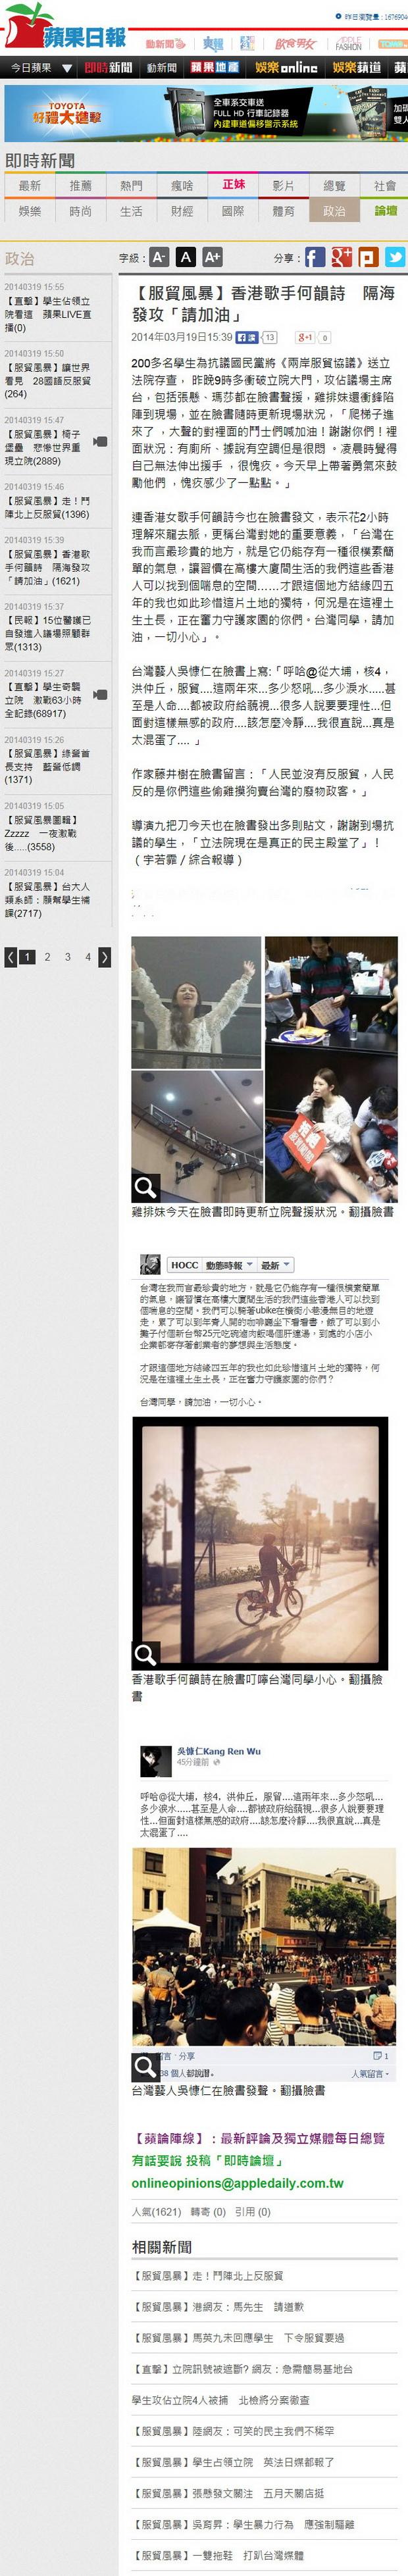 【服貿風暴】香港歌手何韻詩 隔海發攻「請加油」-2014.03.19.jpg